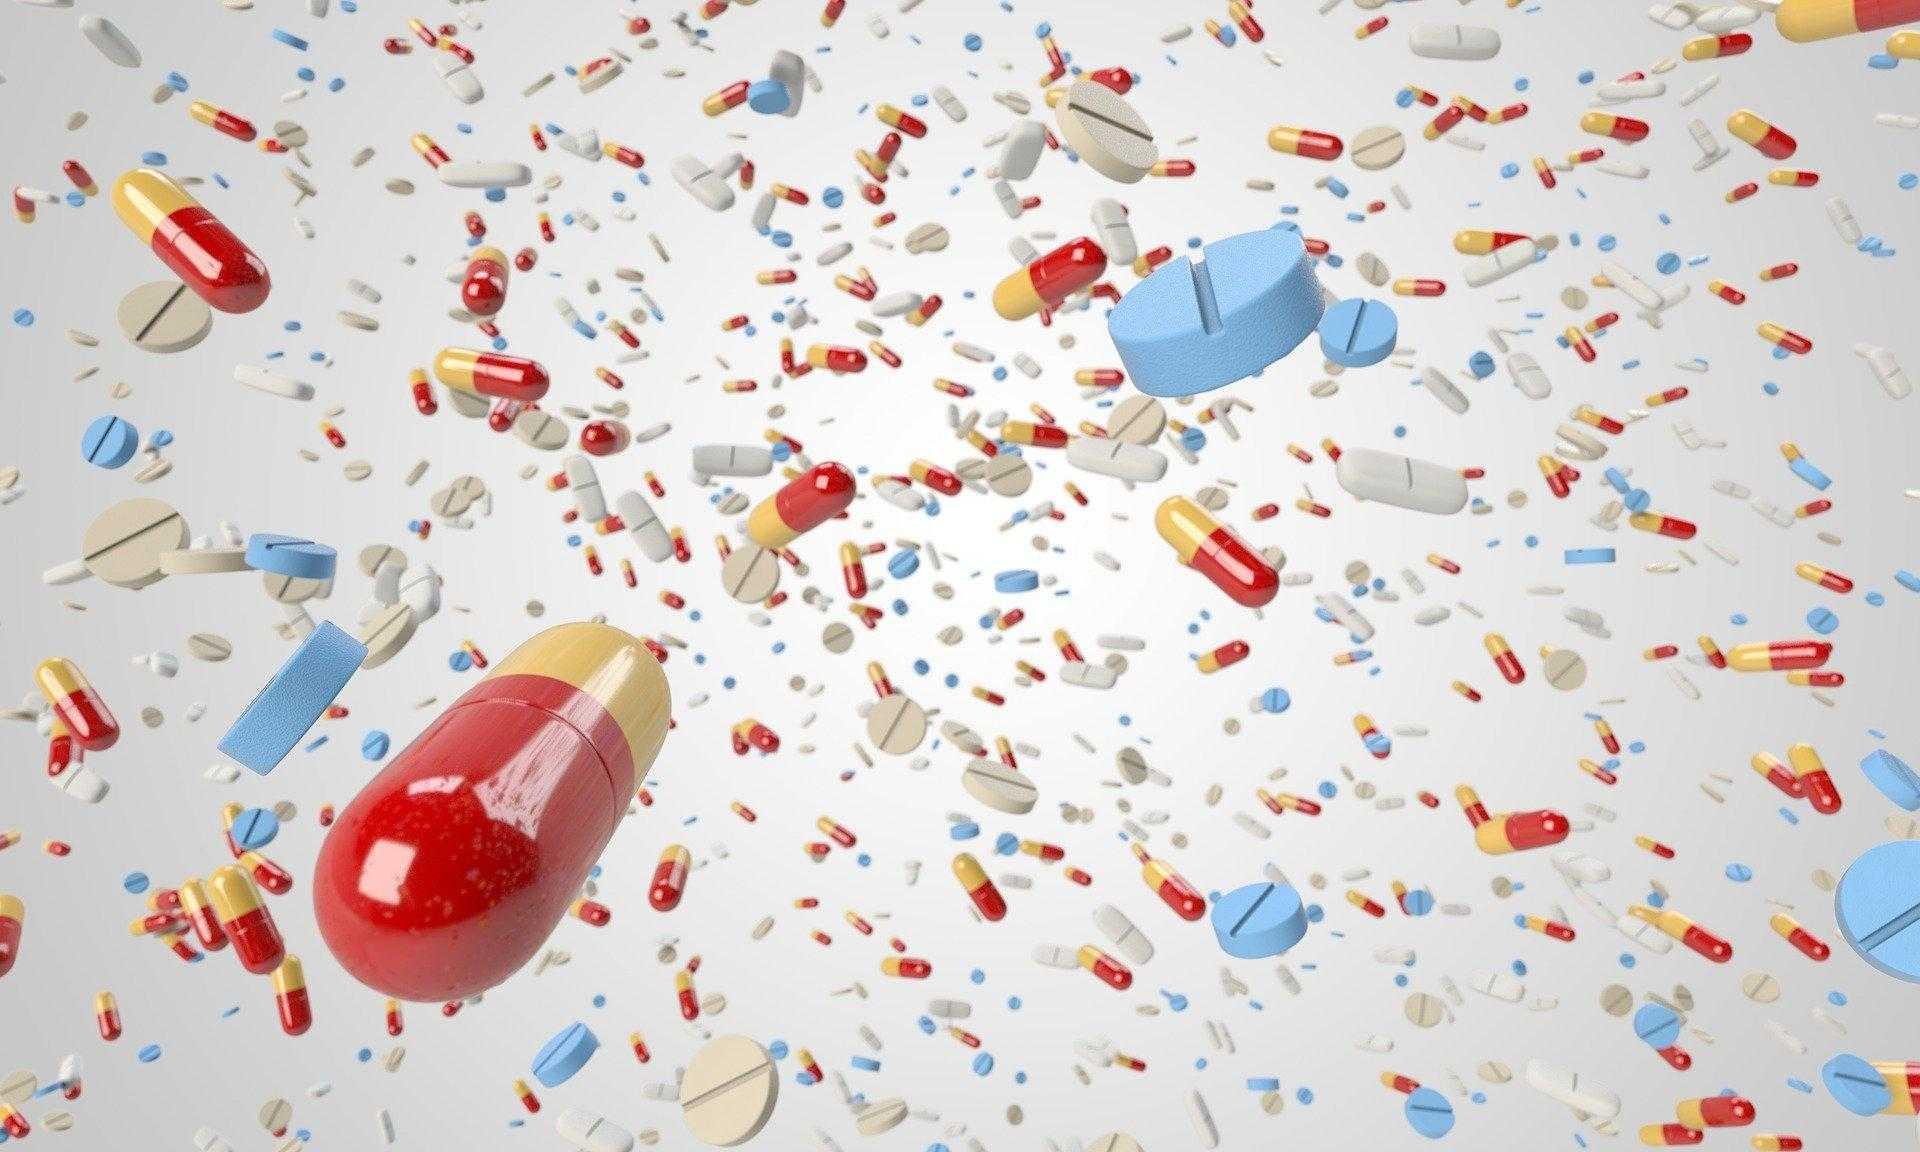 Perché le aziende farmaceutiche riducono la spesa nella pubblicità direct-to-consumer